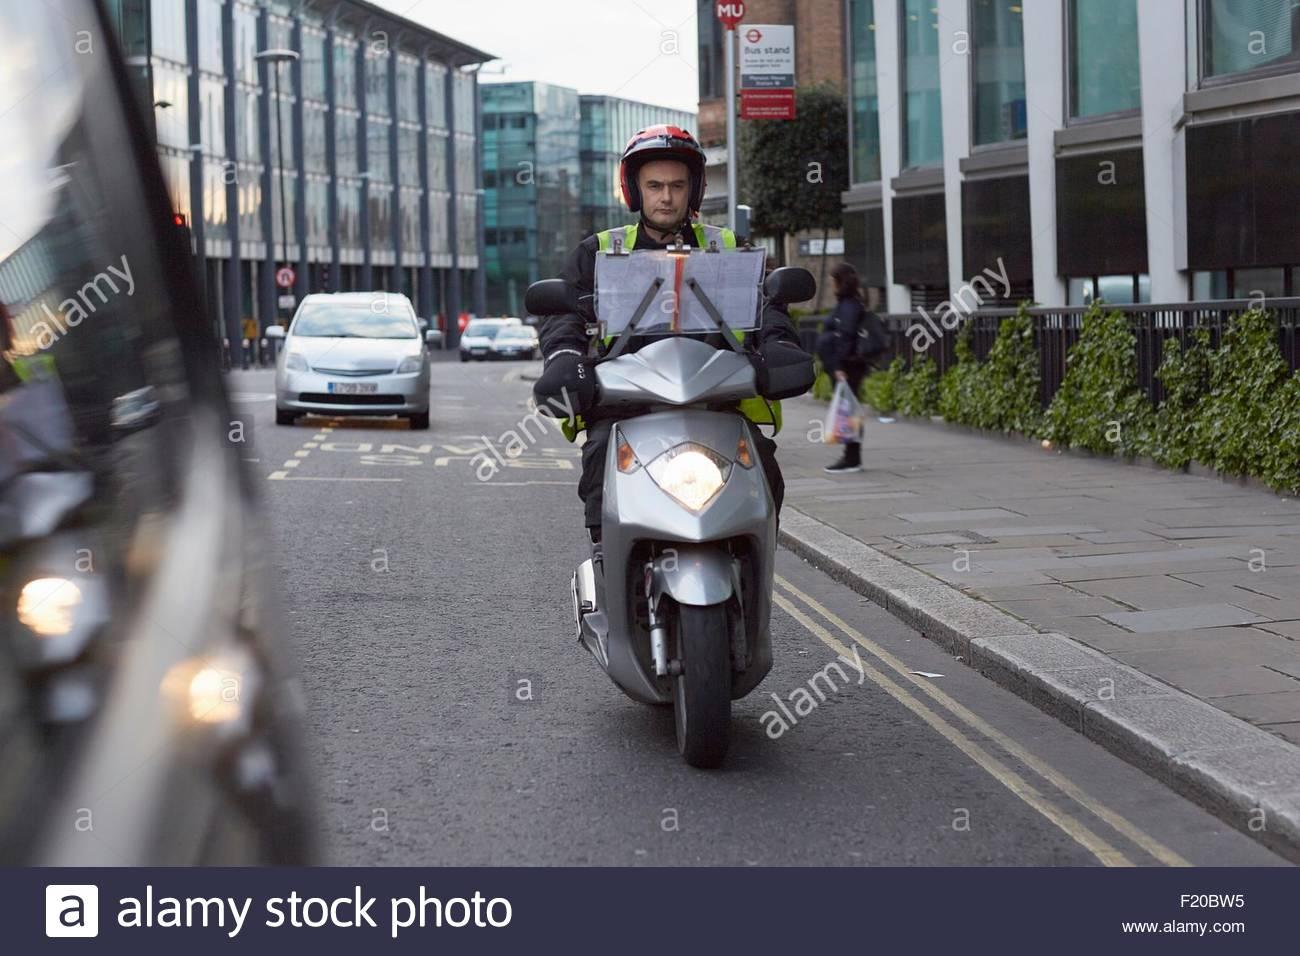 Scooter rider, entreprise formation chauffeur de taxi 'la connaissance', en déplacement à Londres Photo Stock